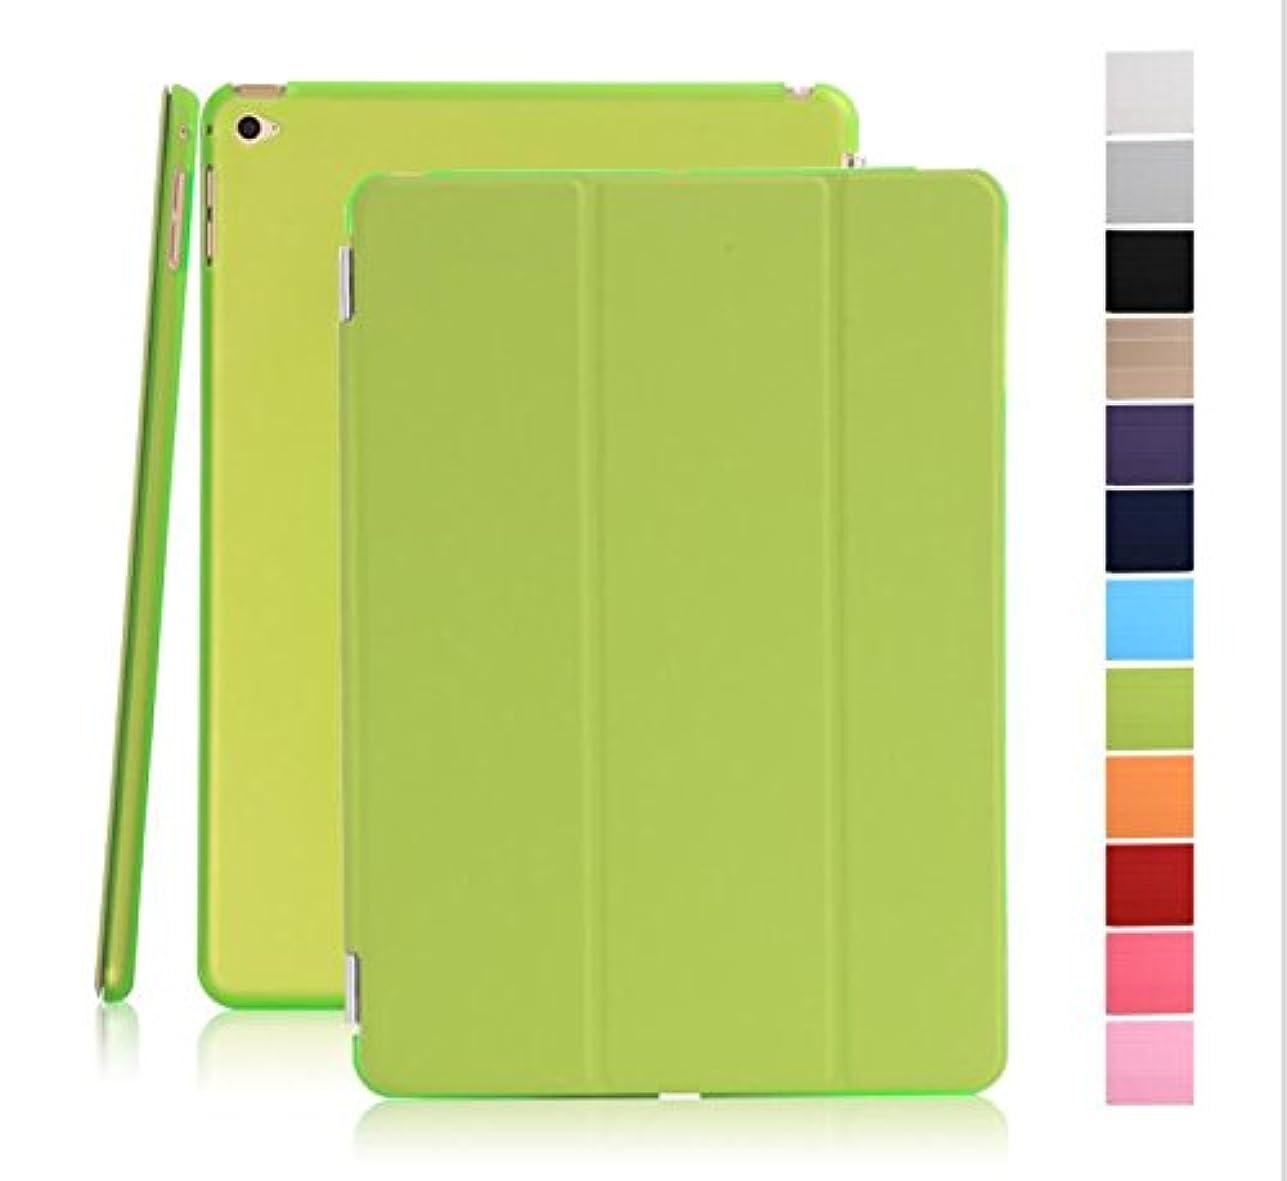 滅びるパステルテクニカル【マーサ?リンク】iPad mini4 専用 三つ折り スマート カバー ケース 分離式 オートスリープON/OFF スタンド機能 (ブラック、ブルー、グリーン、グレー、ピンク)全5色選択 (グリーン)